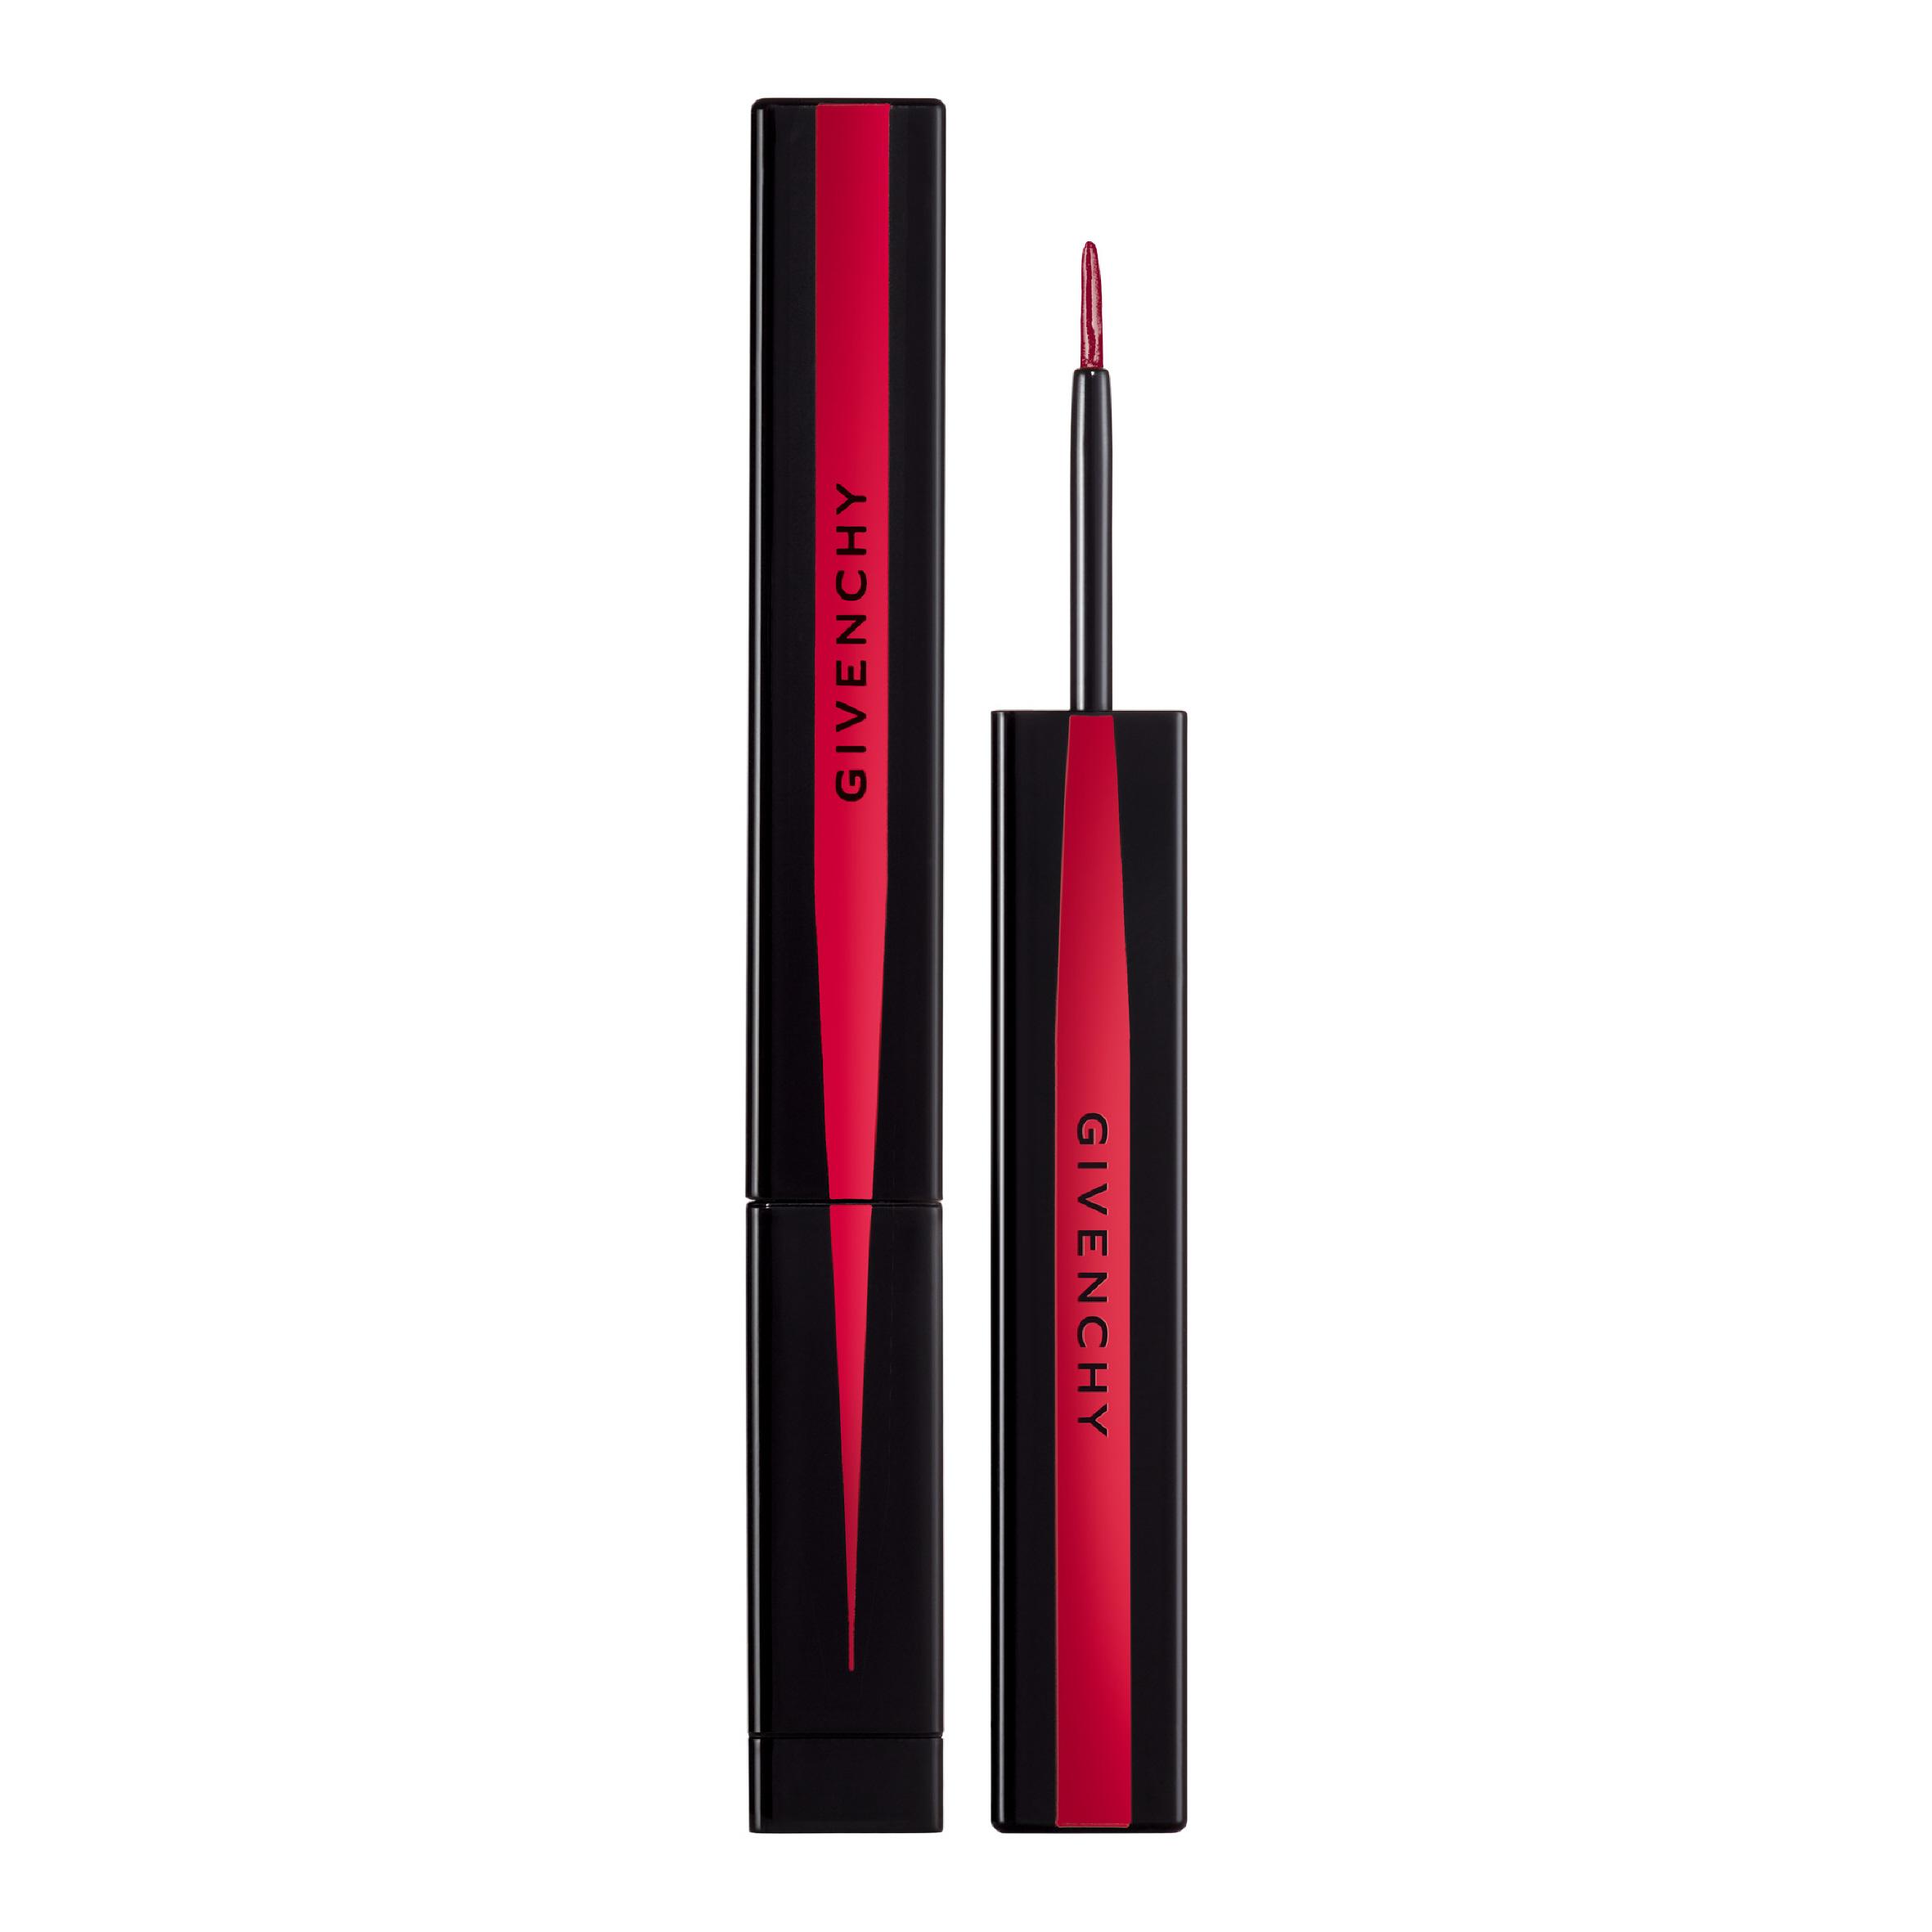 Delineador de ojos Phenomen'Eyes Liner N08 Givenchy